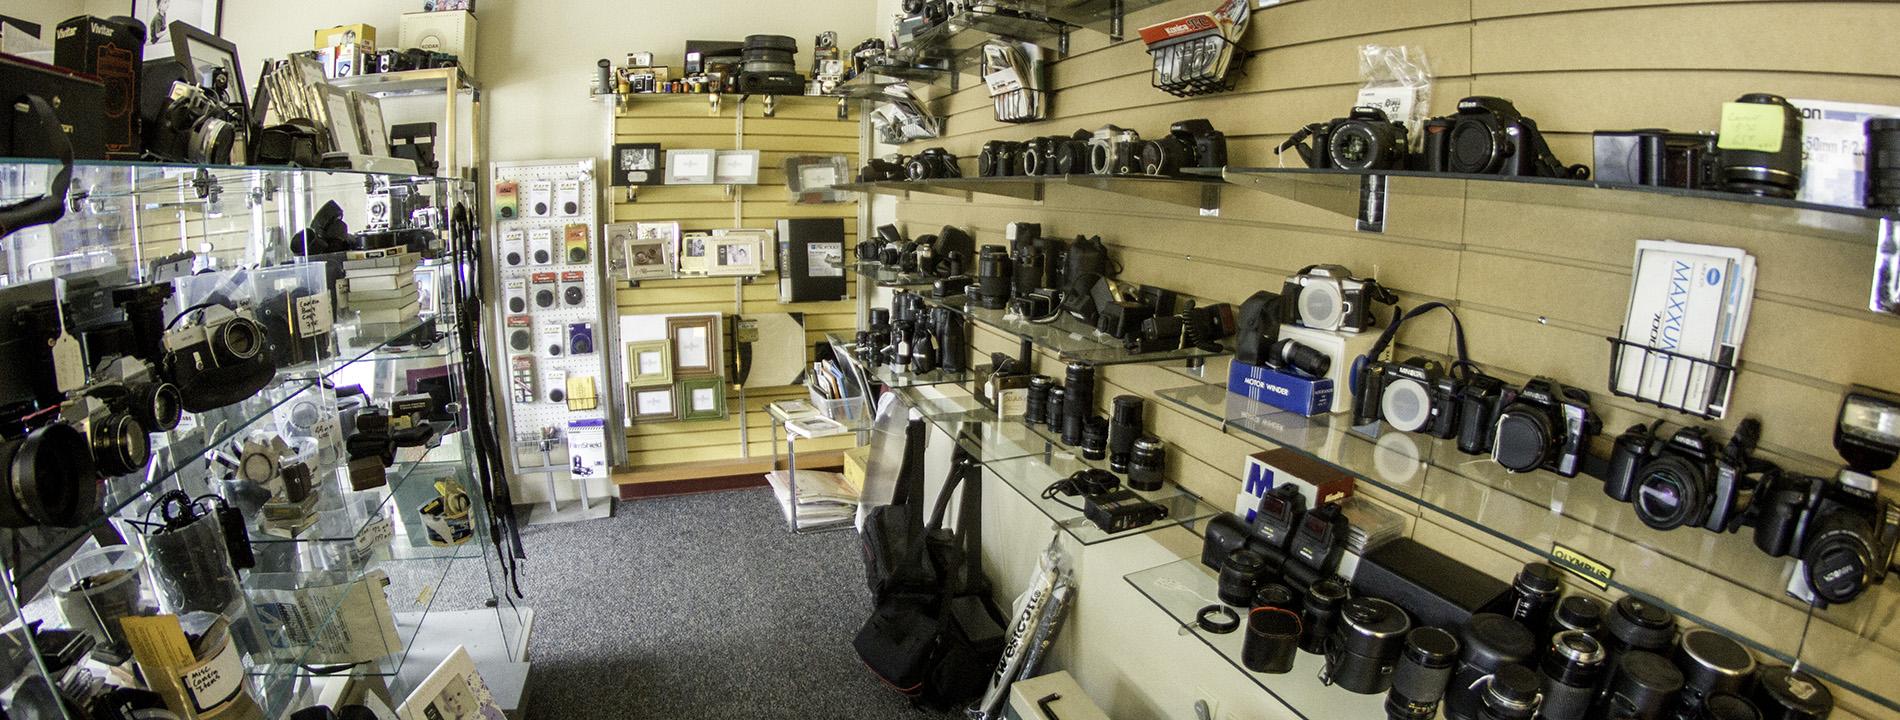 lobby-004 used cams pan